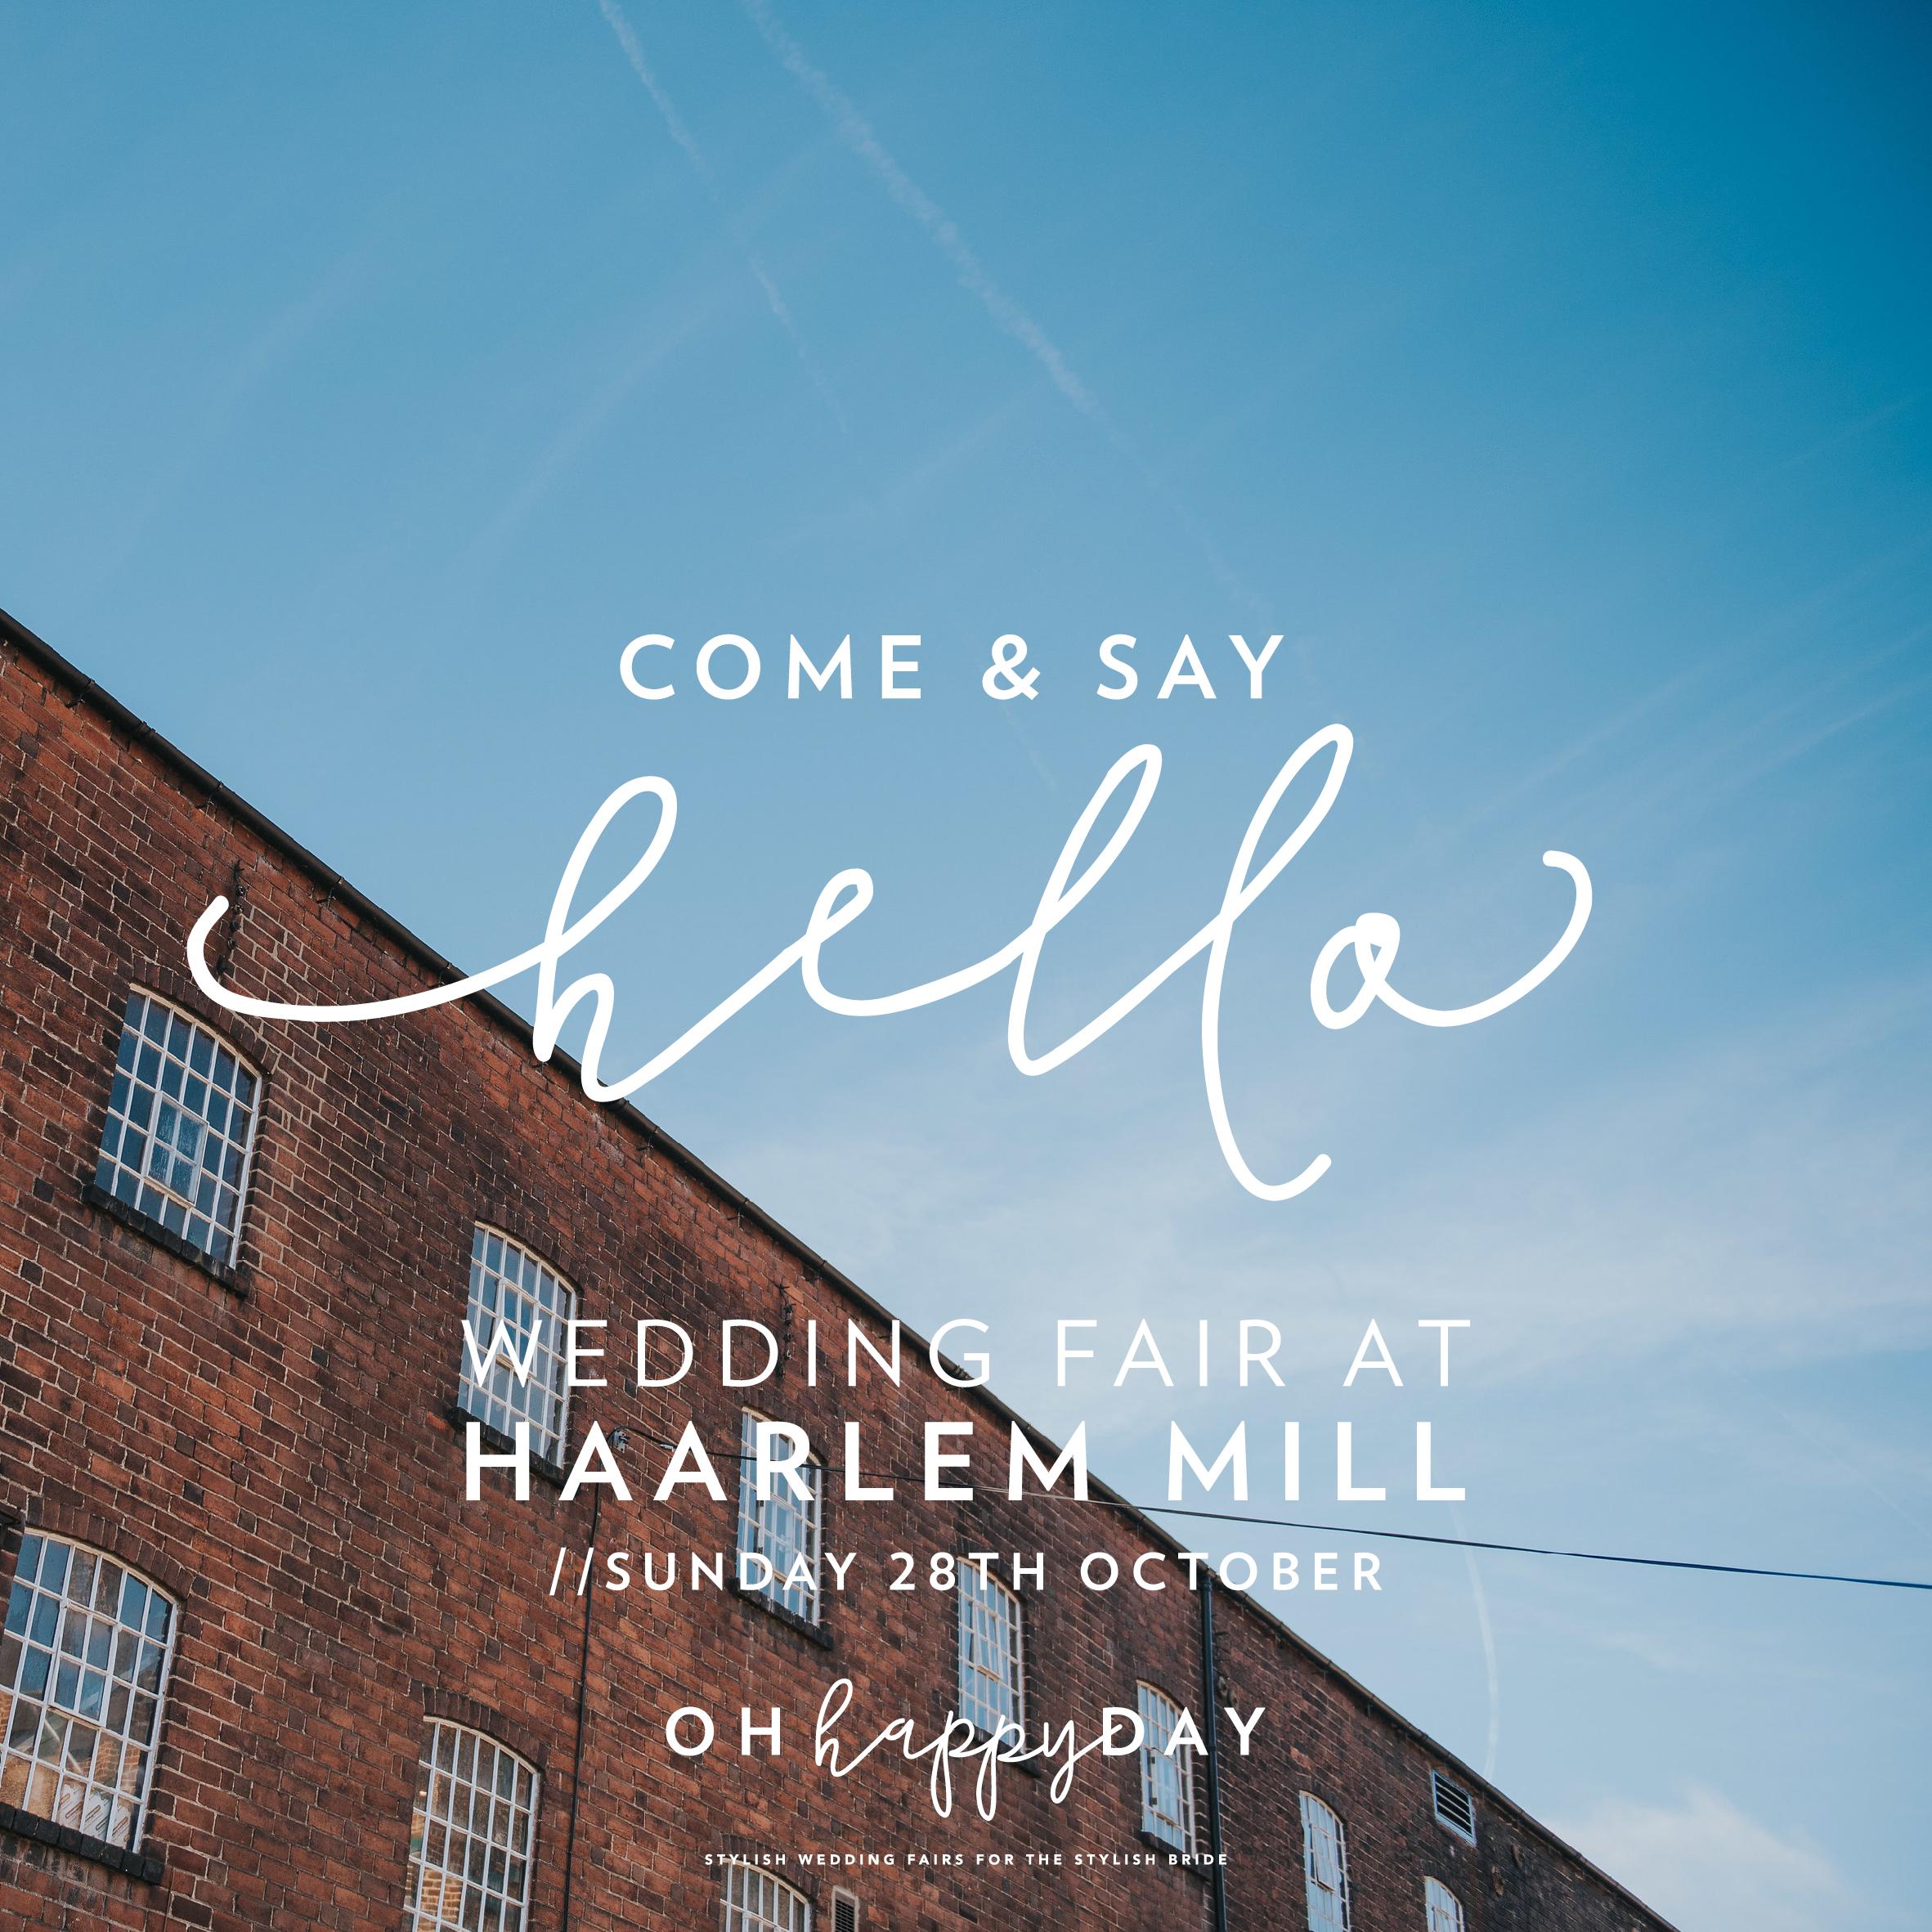 Derbyshire wedding fairs